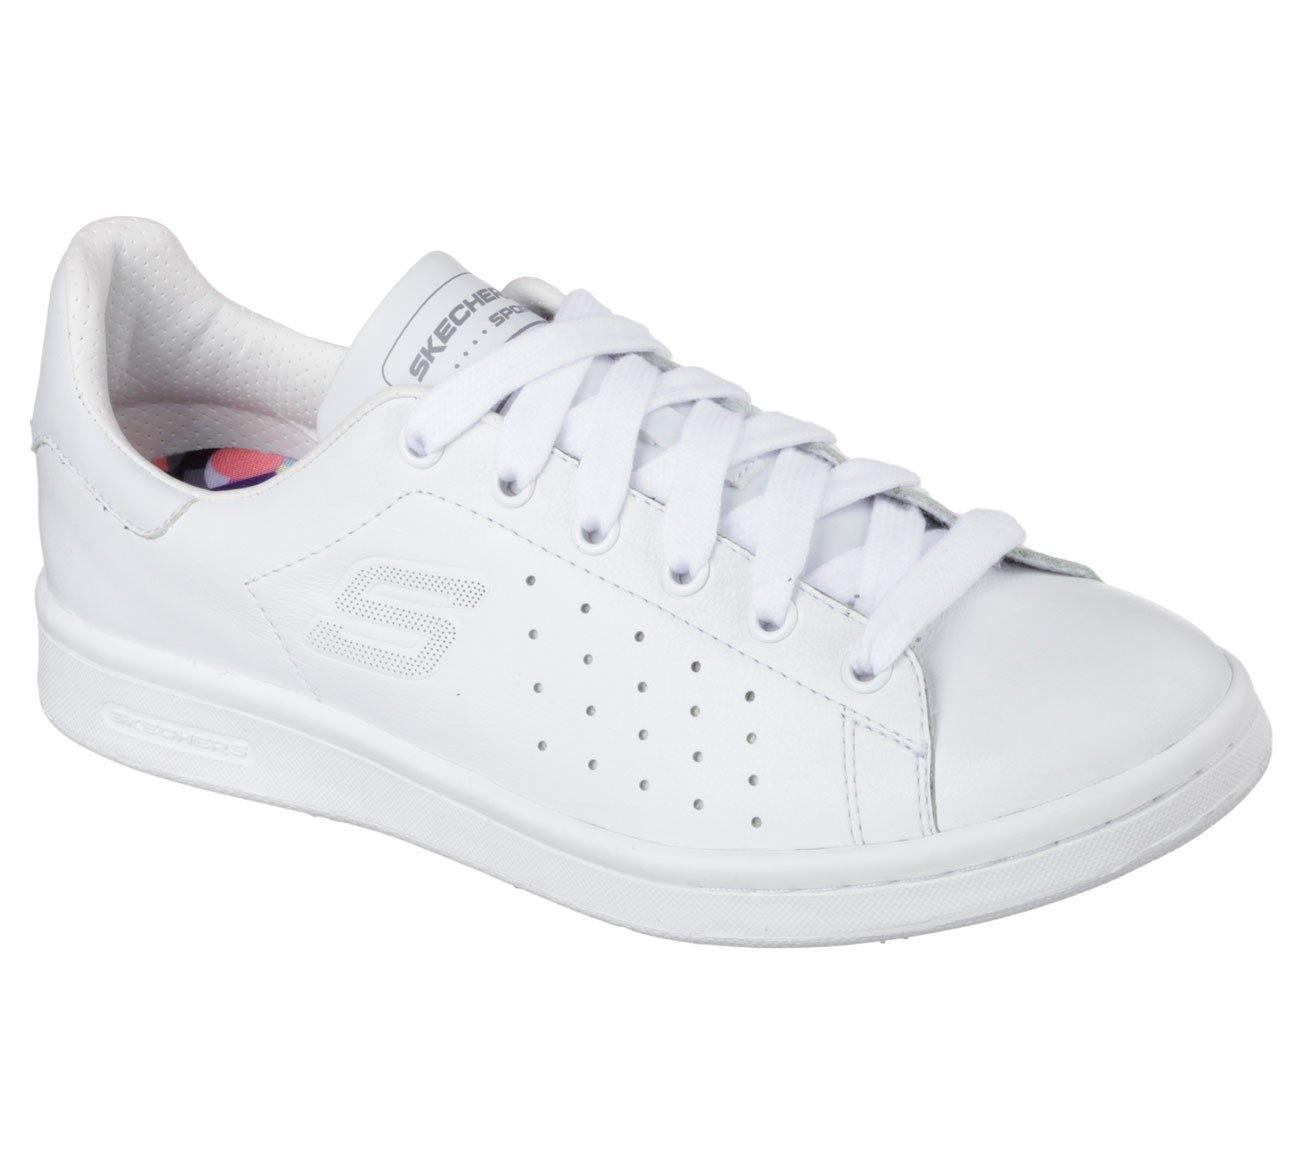 Skechers Damen Onix Sneakers  38 EU|Wei? (Wht)